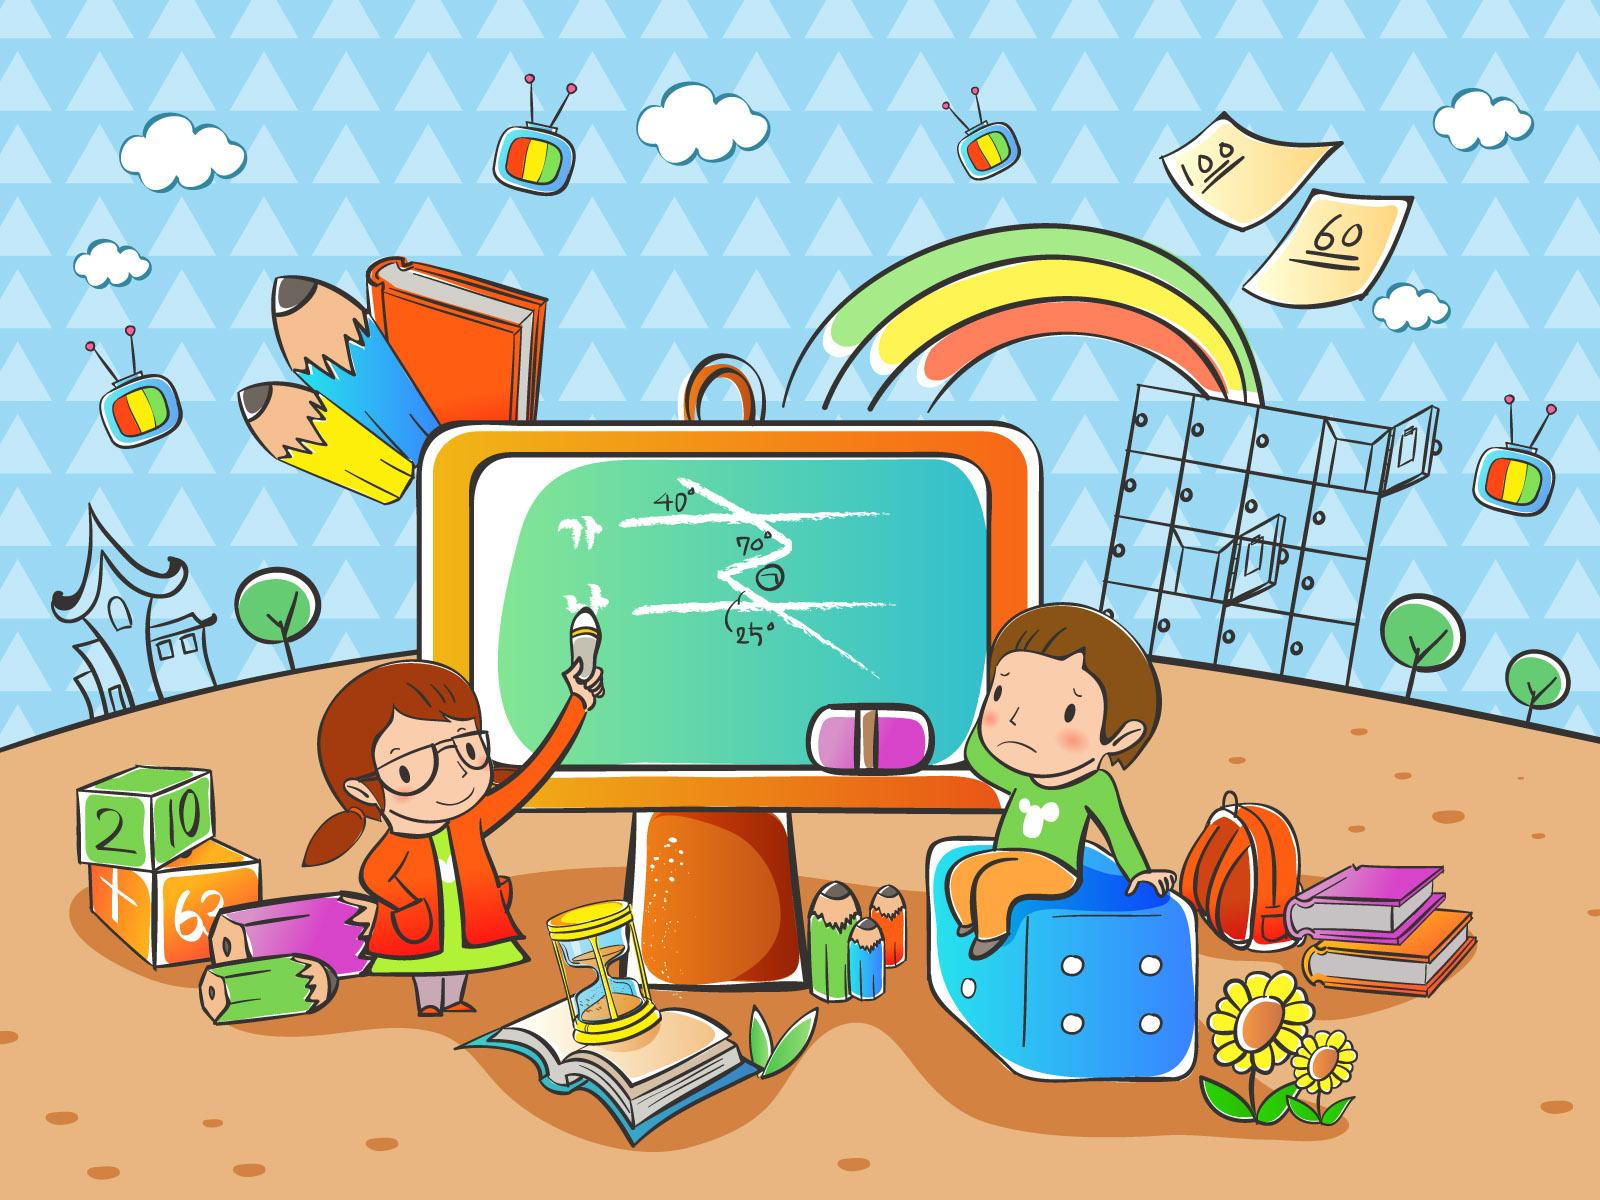 وسائل لعب حر في الخارج وحدة احب لغتي رياض الاطفال